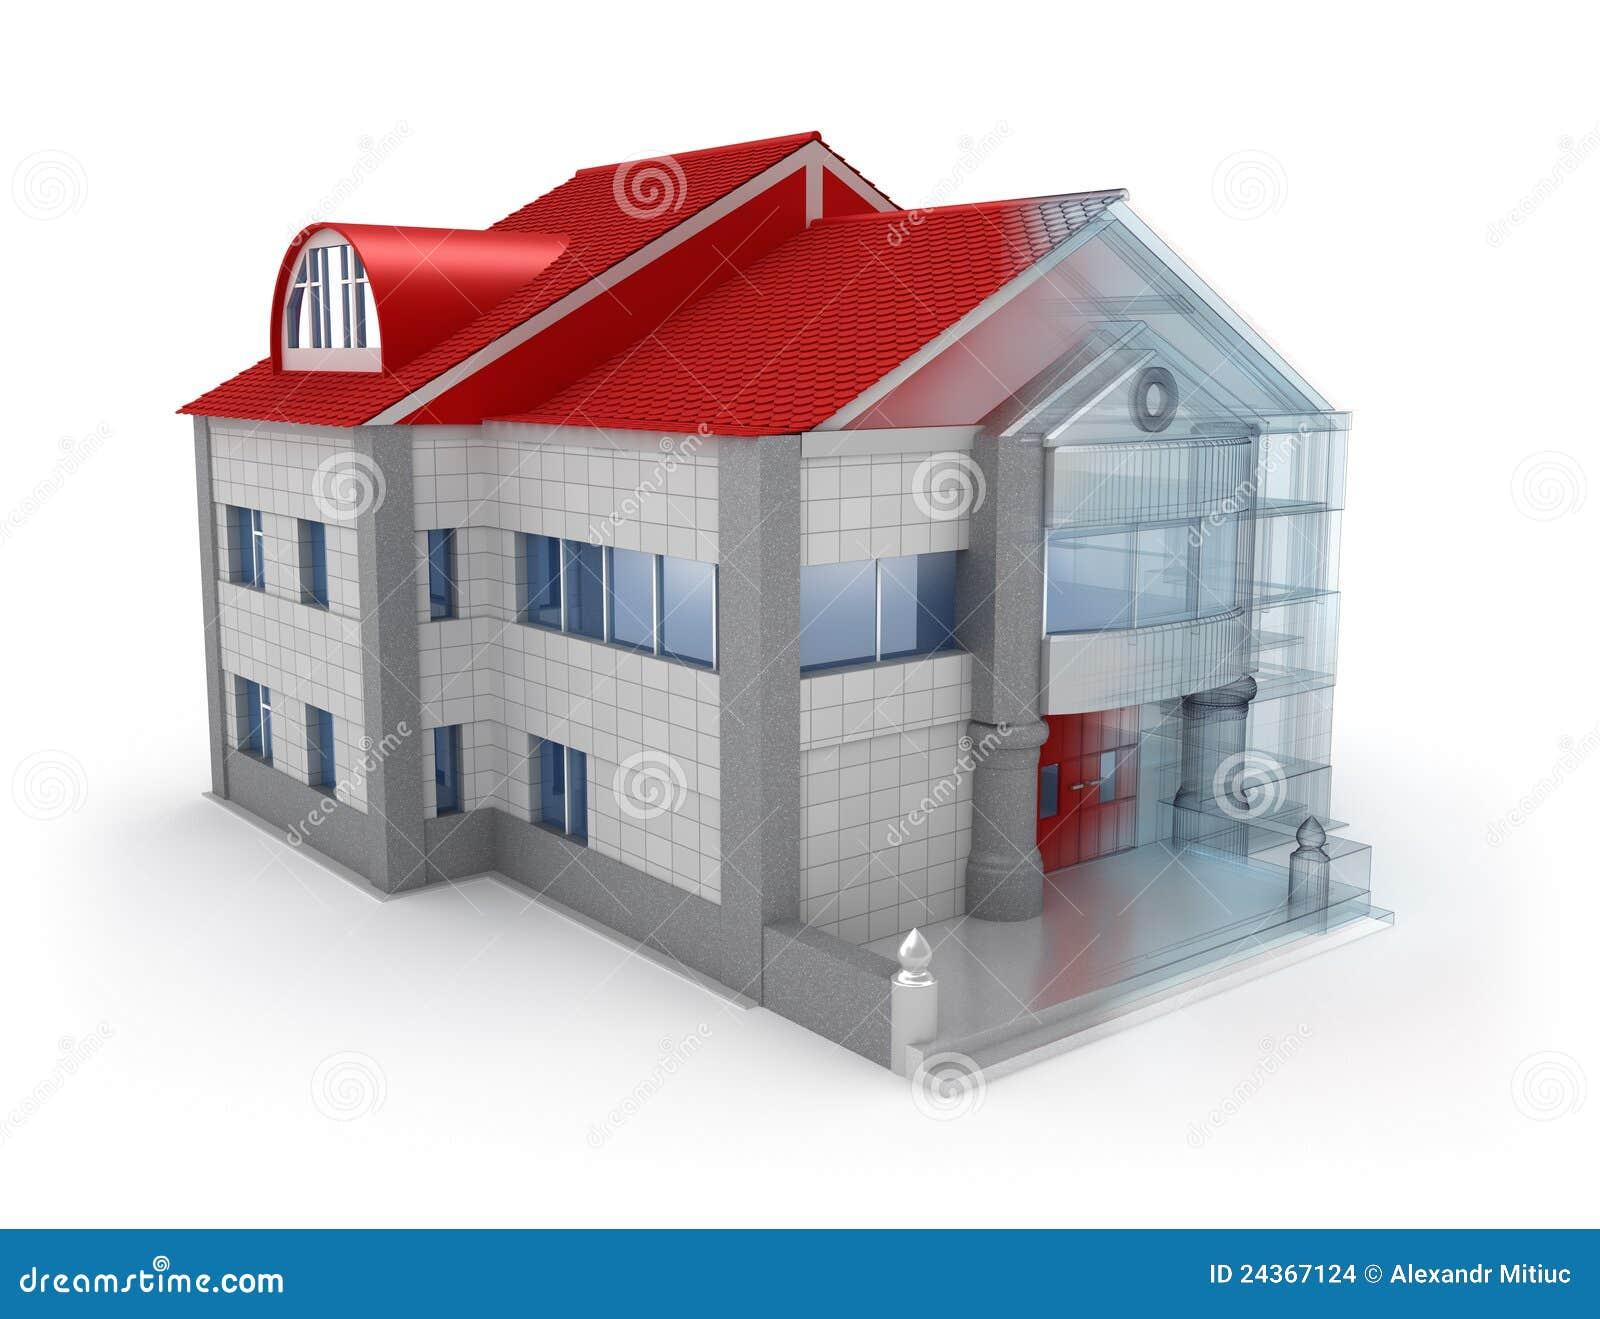 disegno esterno della casa illustrazione di stock